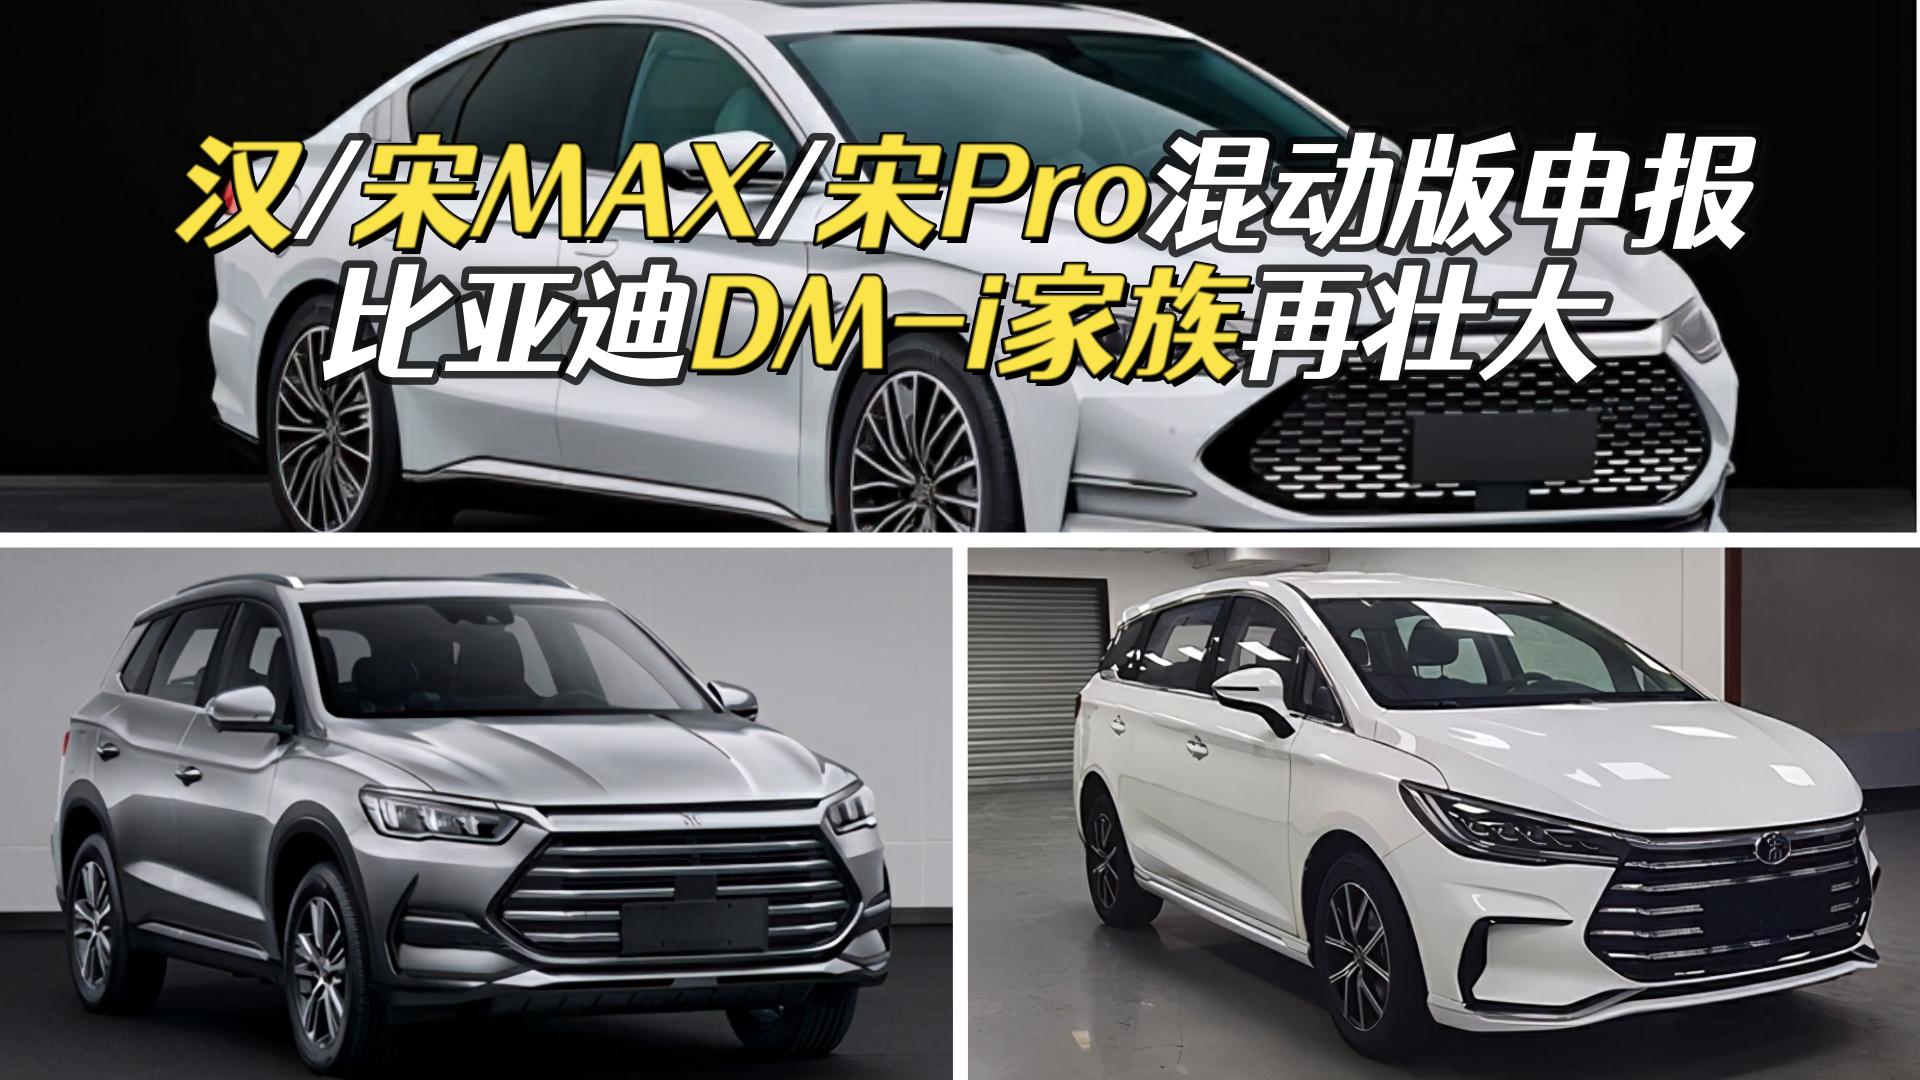 视频:汉/宋MAX/宋Pro混动版申报,比亚迪DM-i家族再壮大